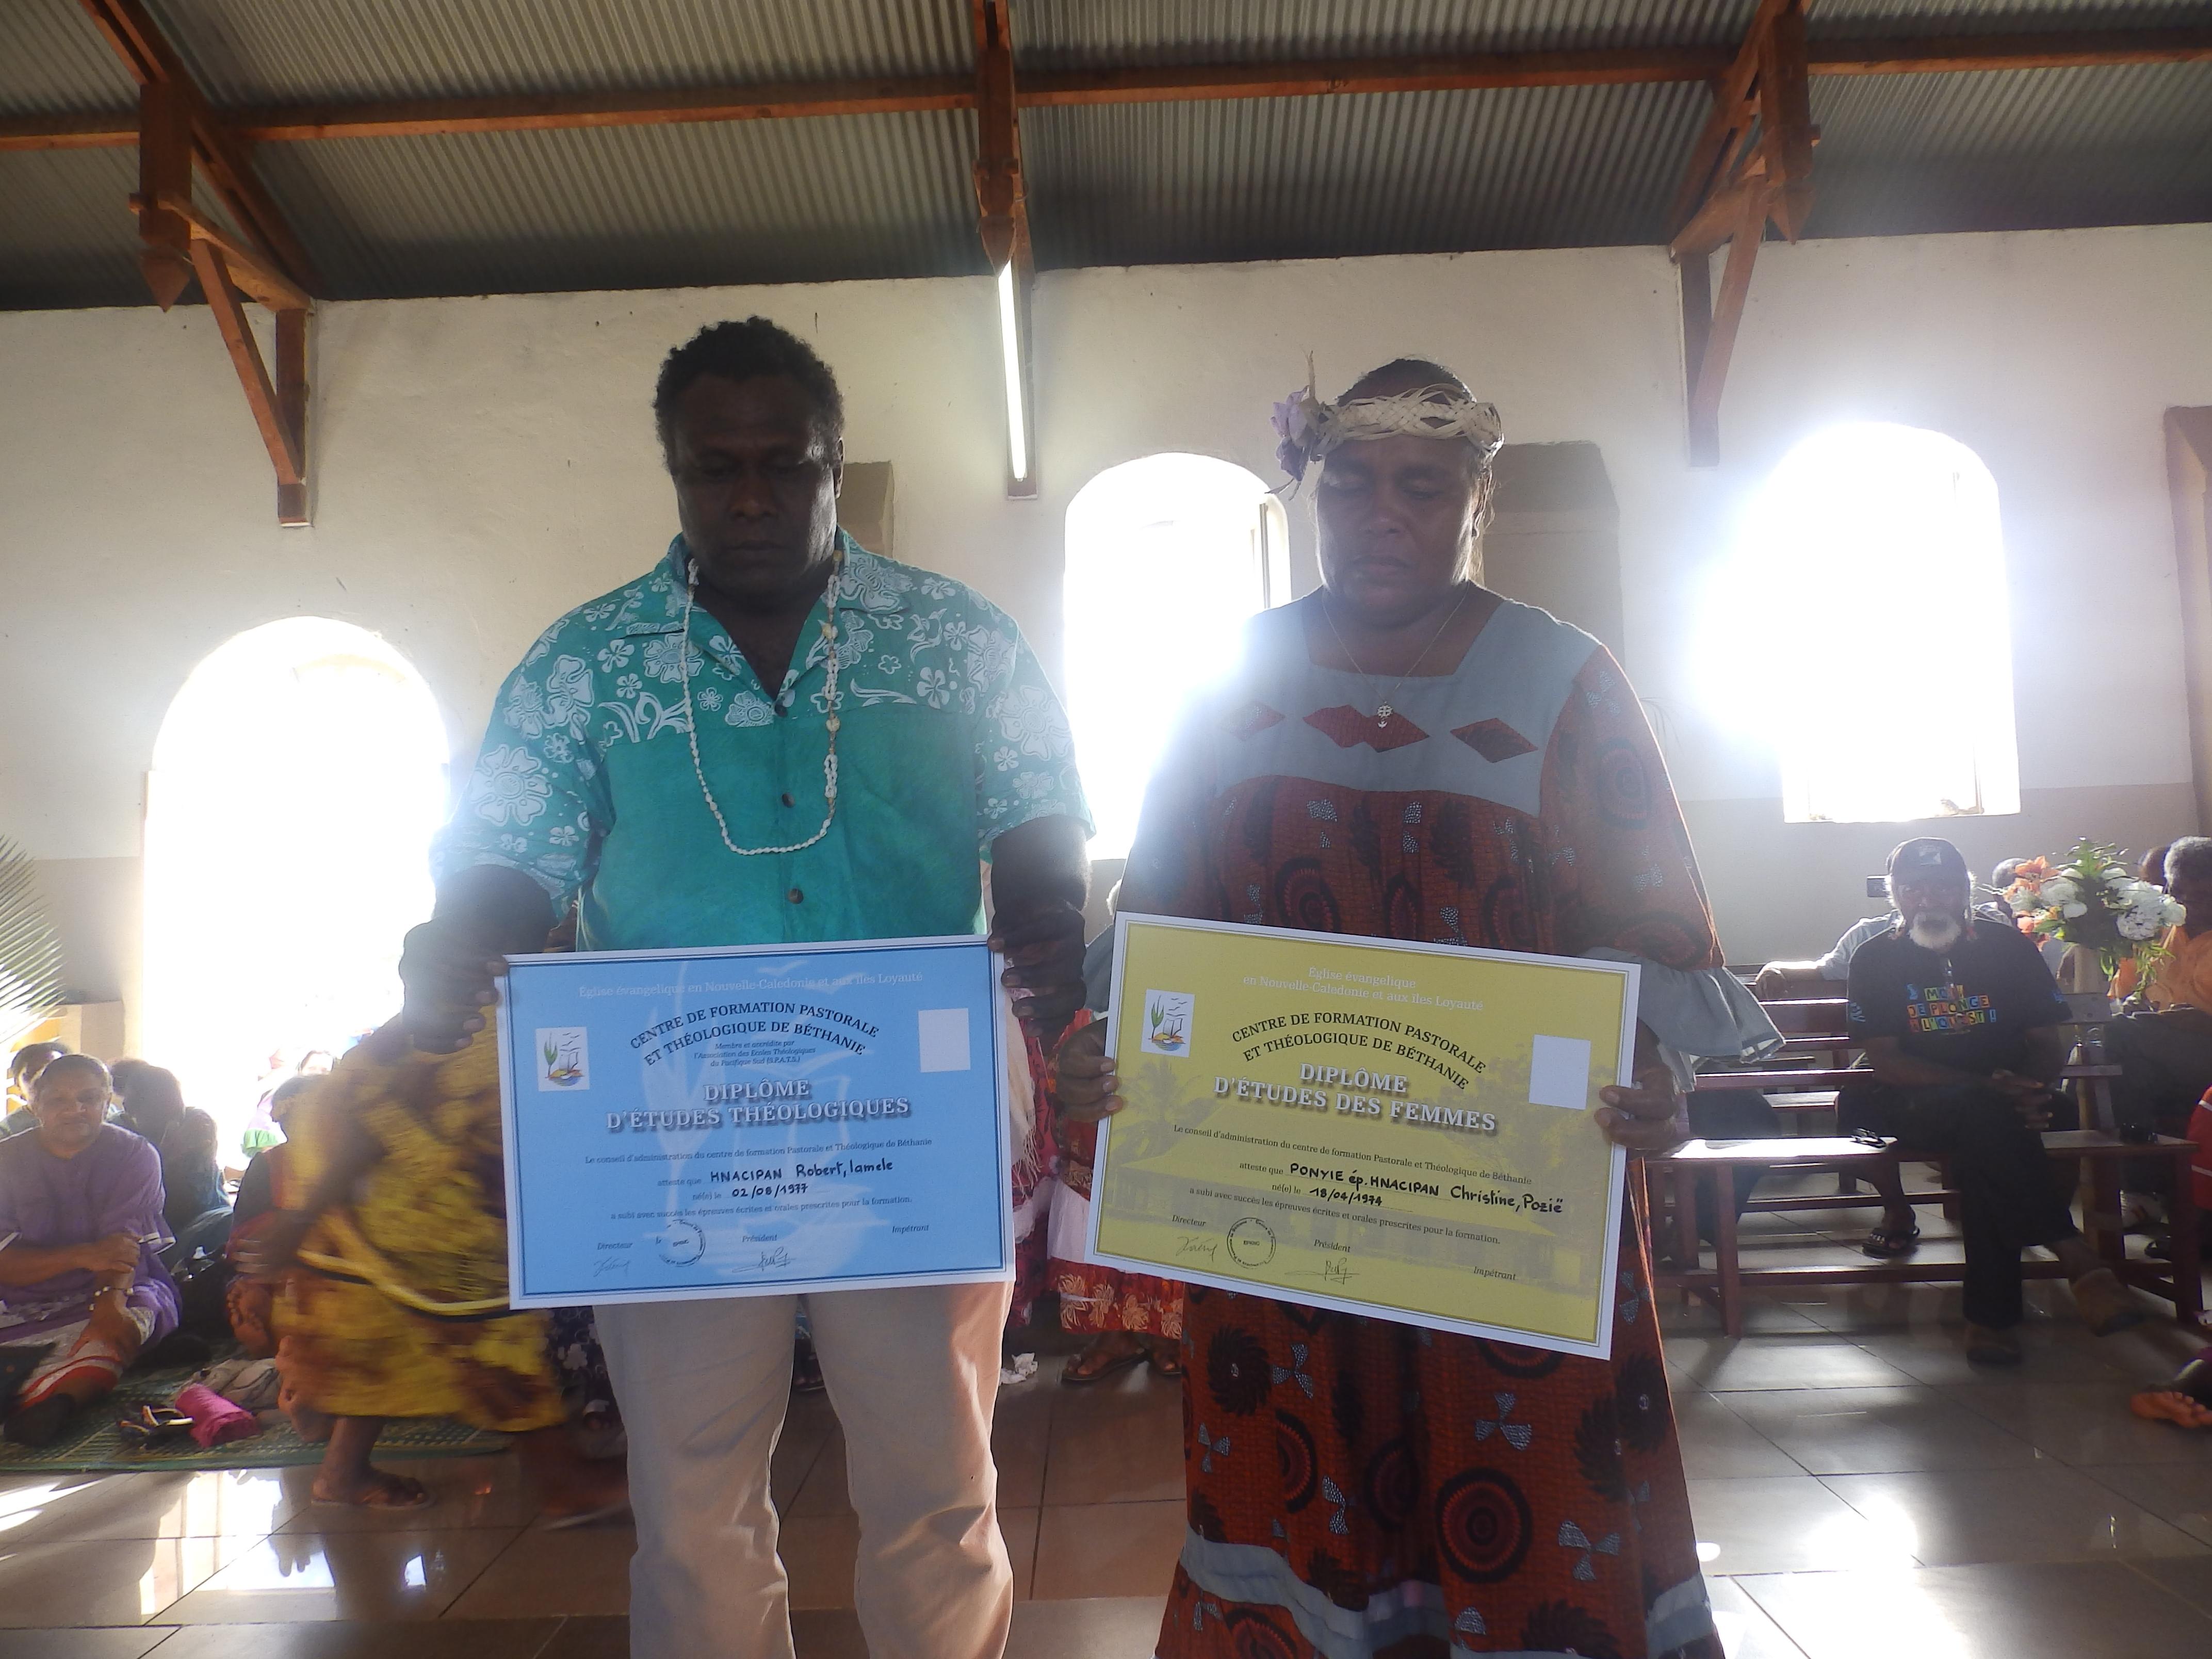 HNACIPAN Robert Iamele et son épouse Christine Pozië seront mutés dans la région de Momawe